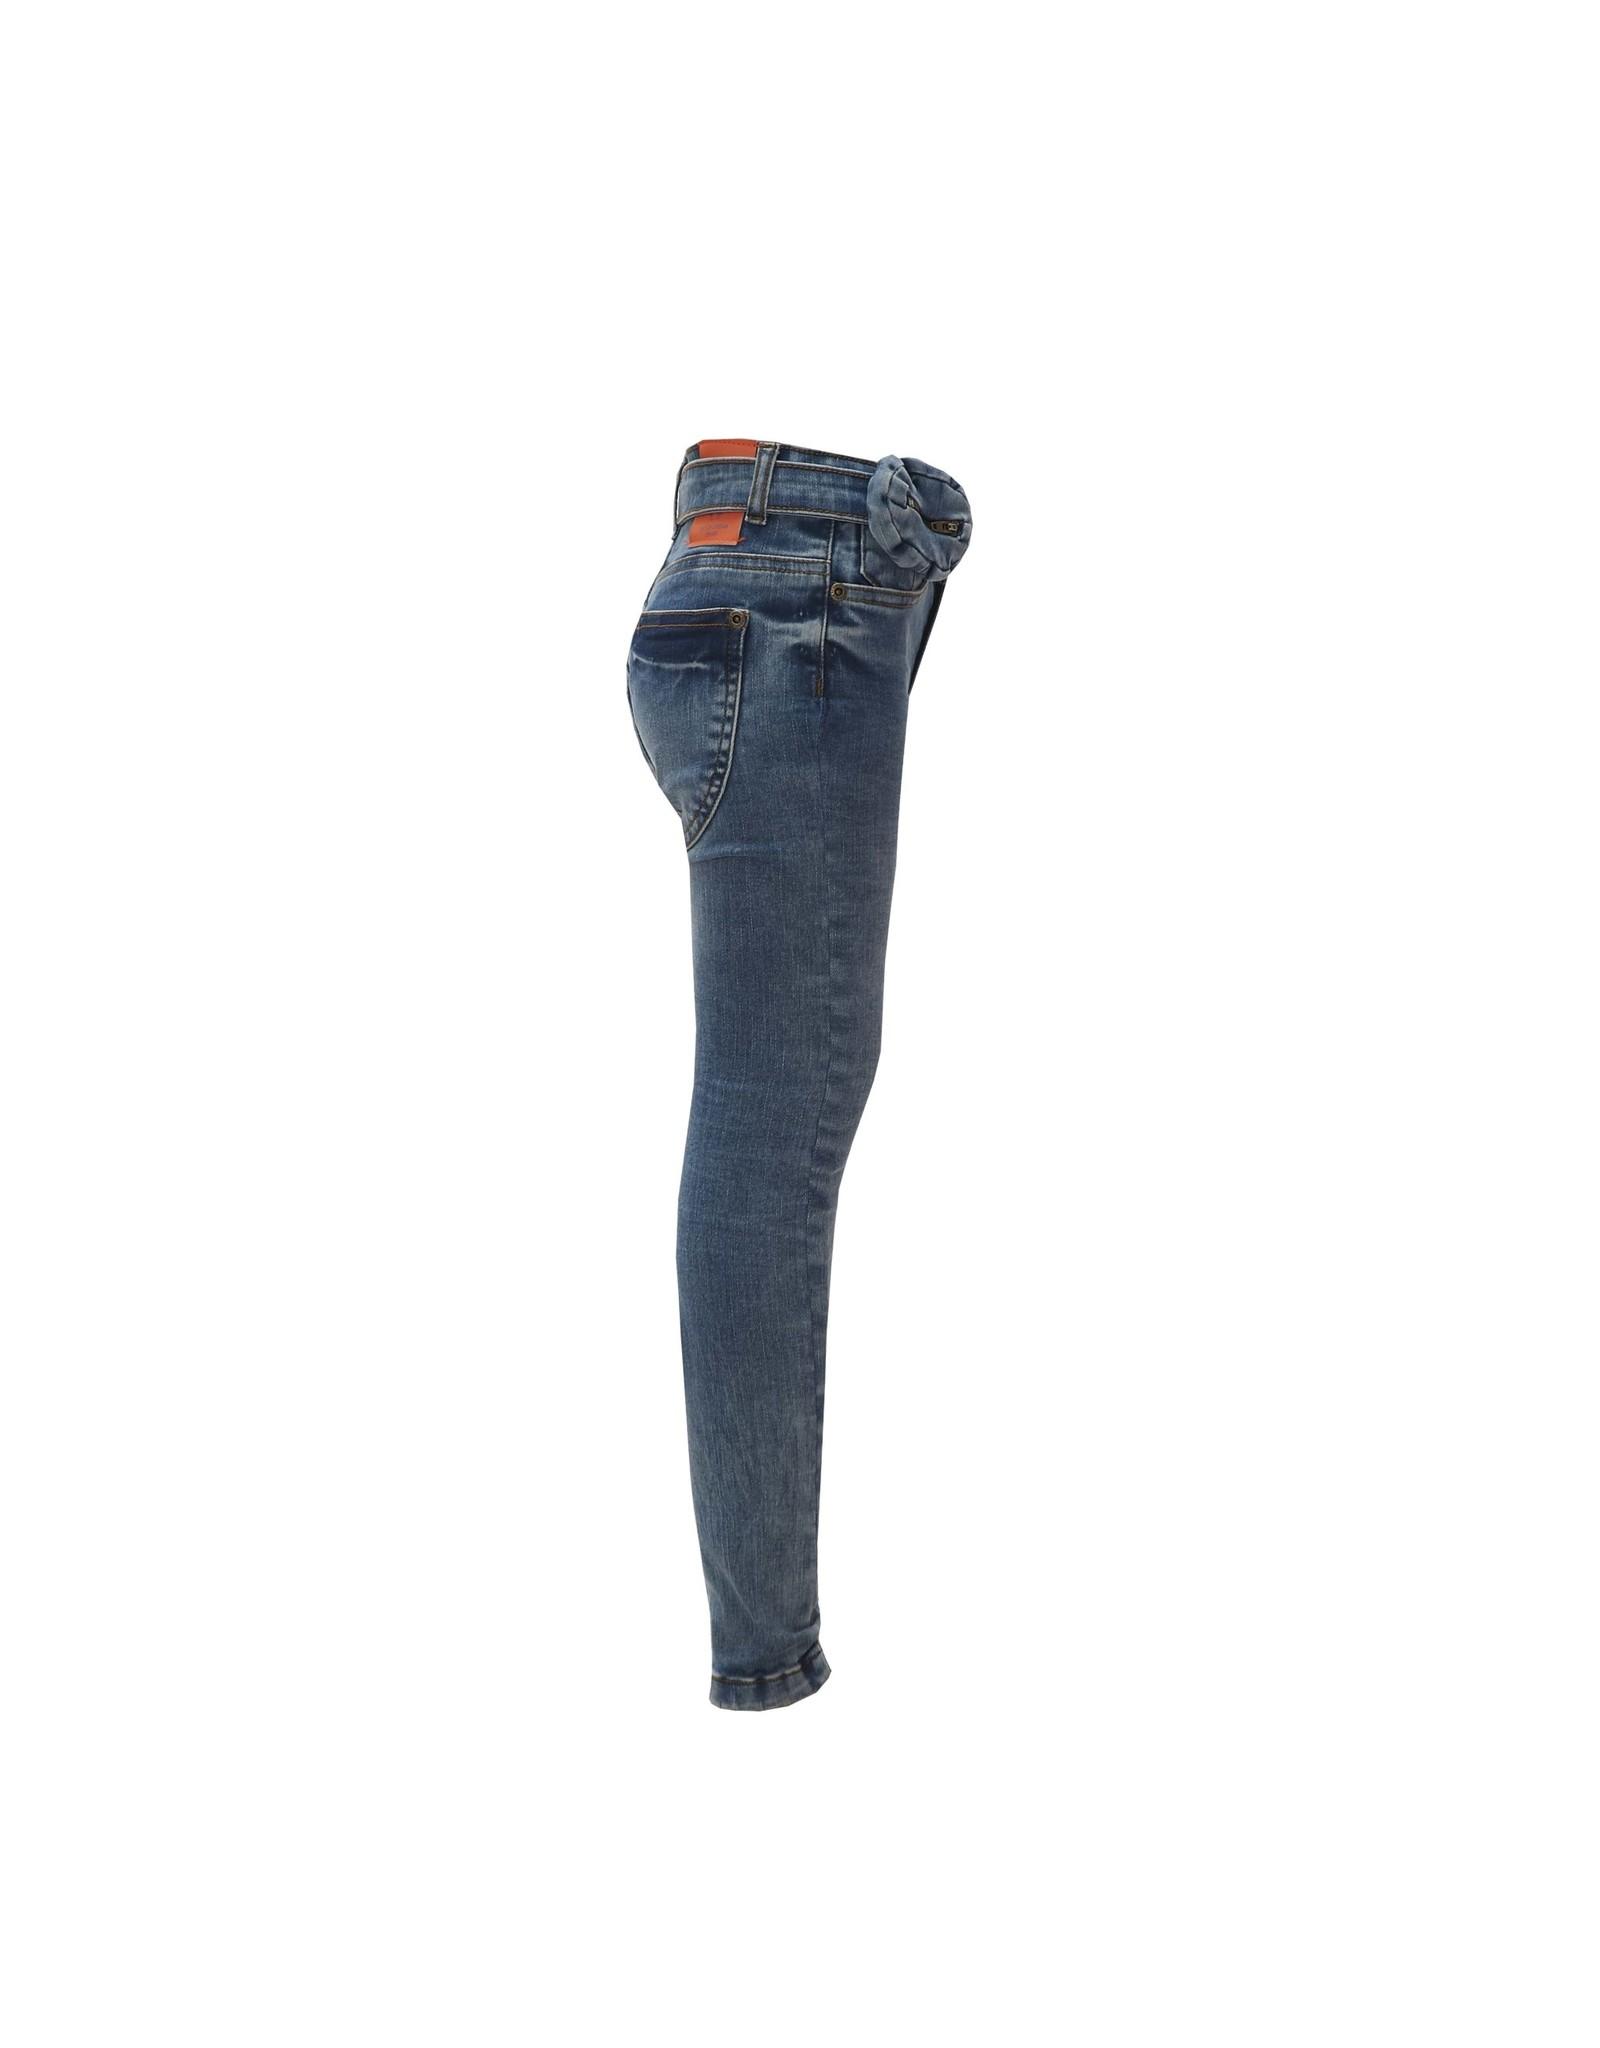 DDD DDD meisjes jeans Kuzidi Light Blue